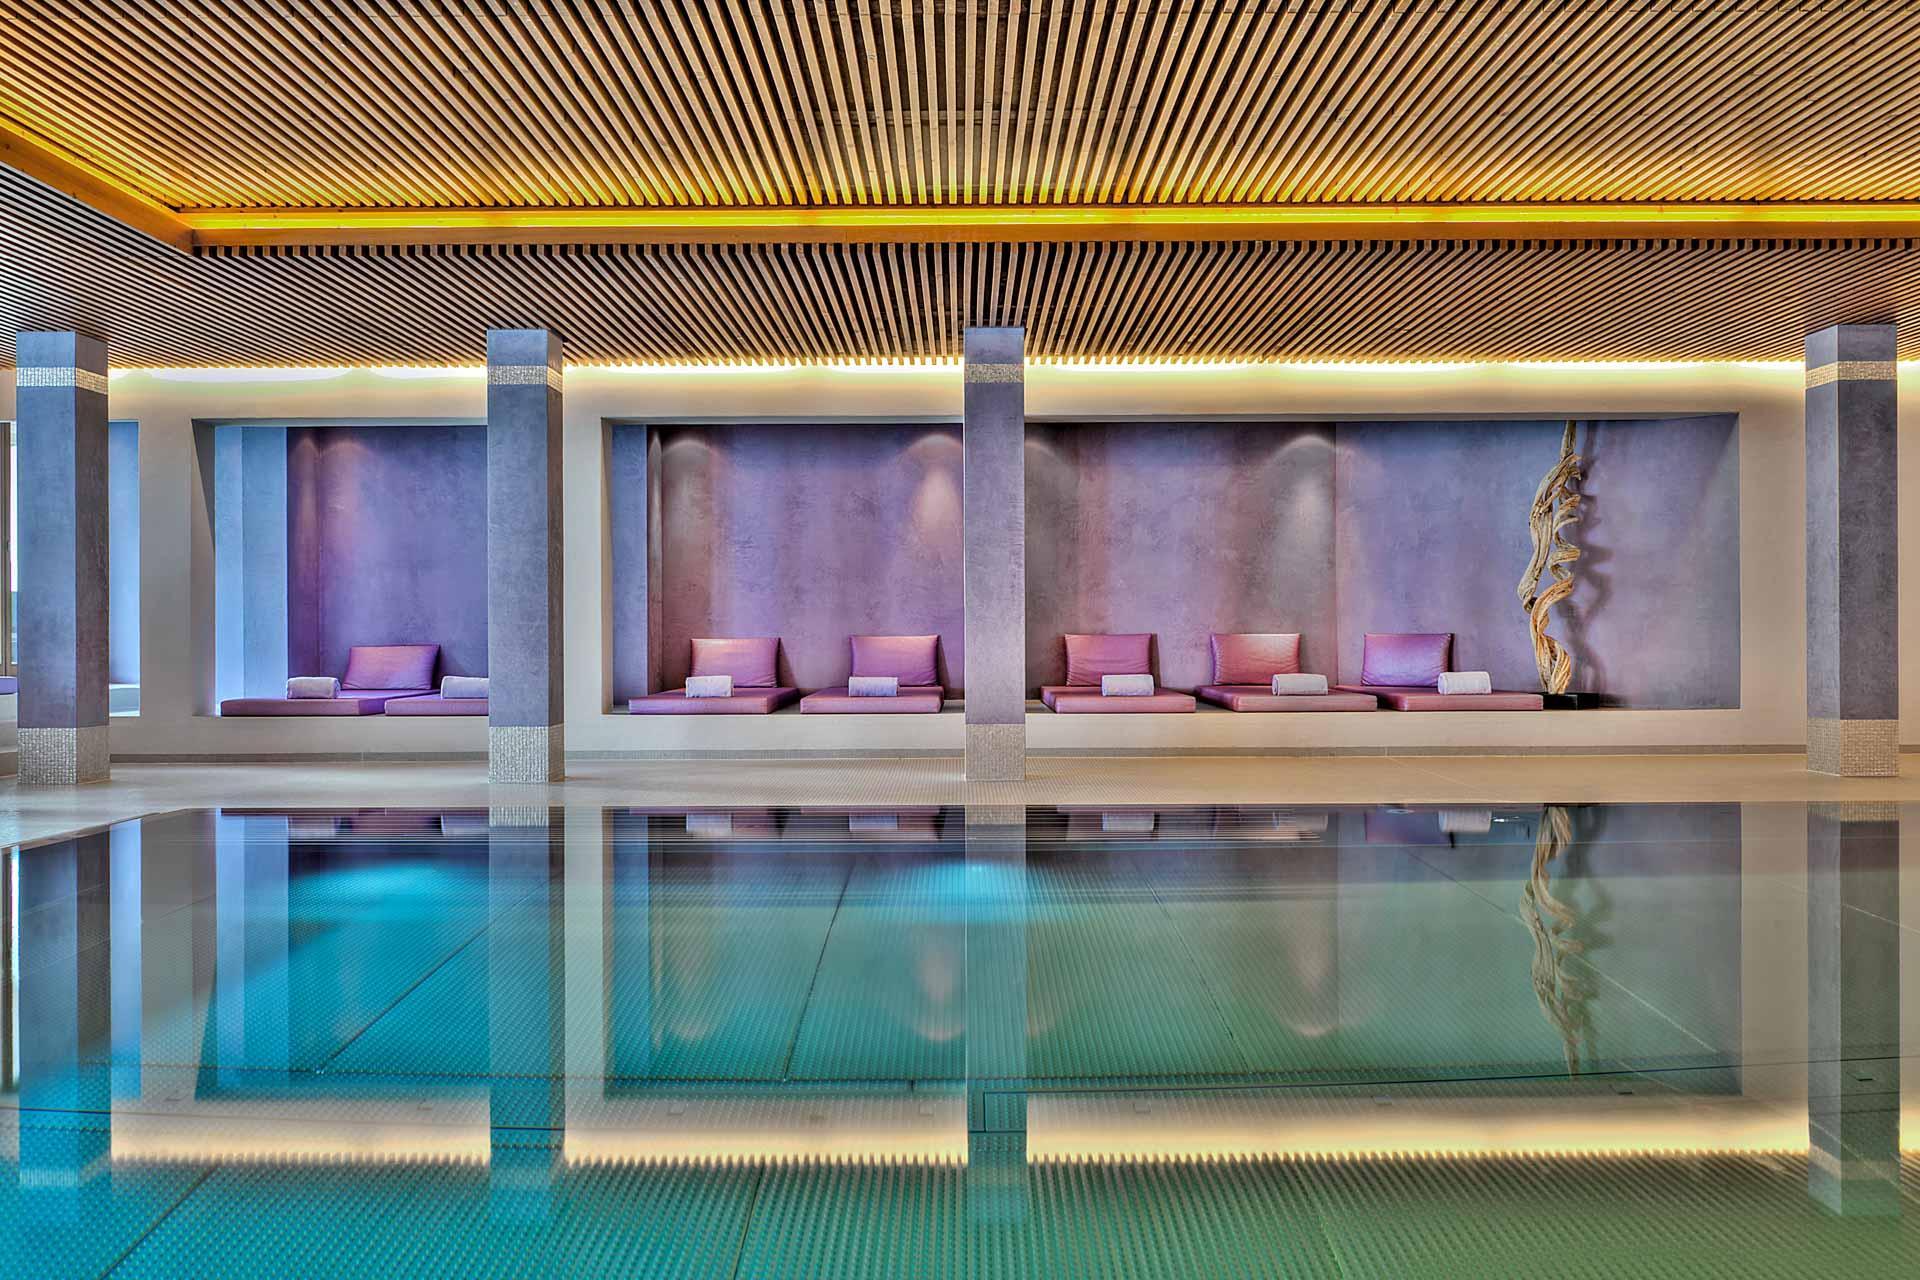 La piscine d'eau salée de l'hôtel Park Gstaad © Destination Gstaad.